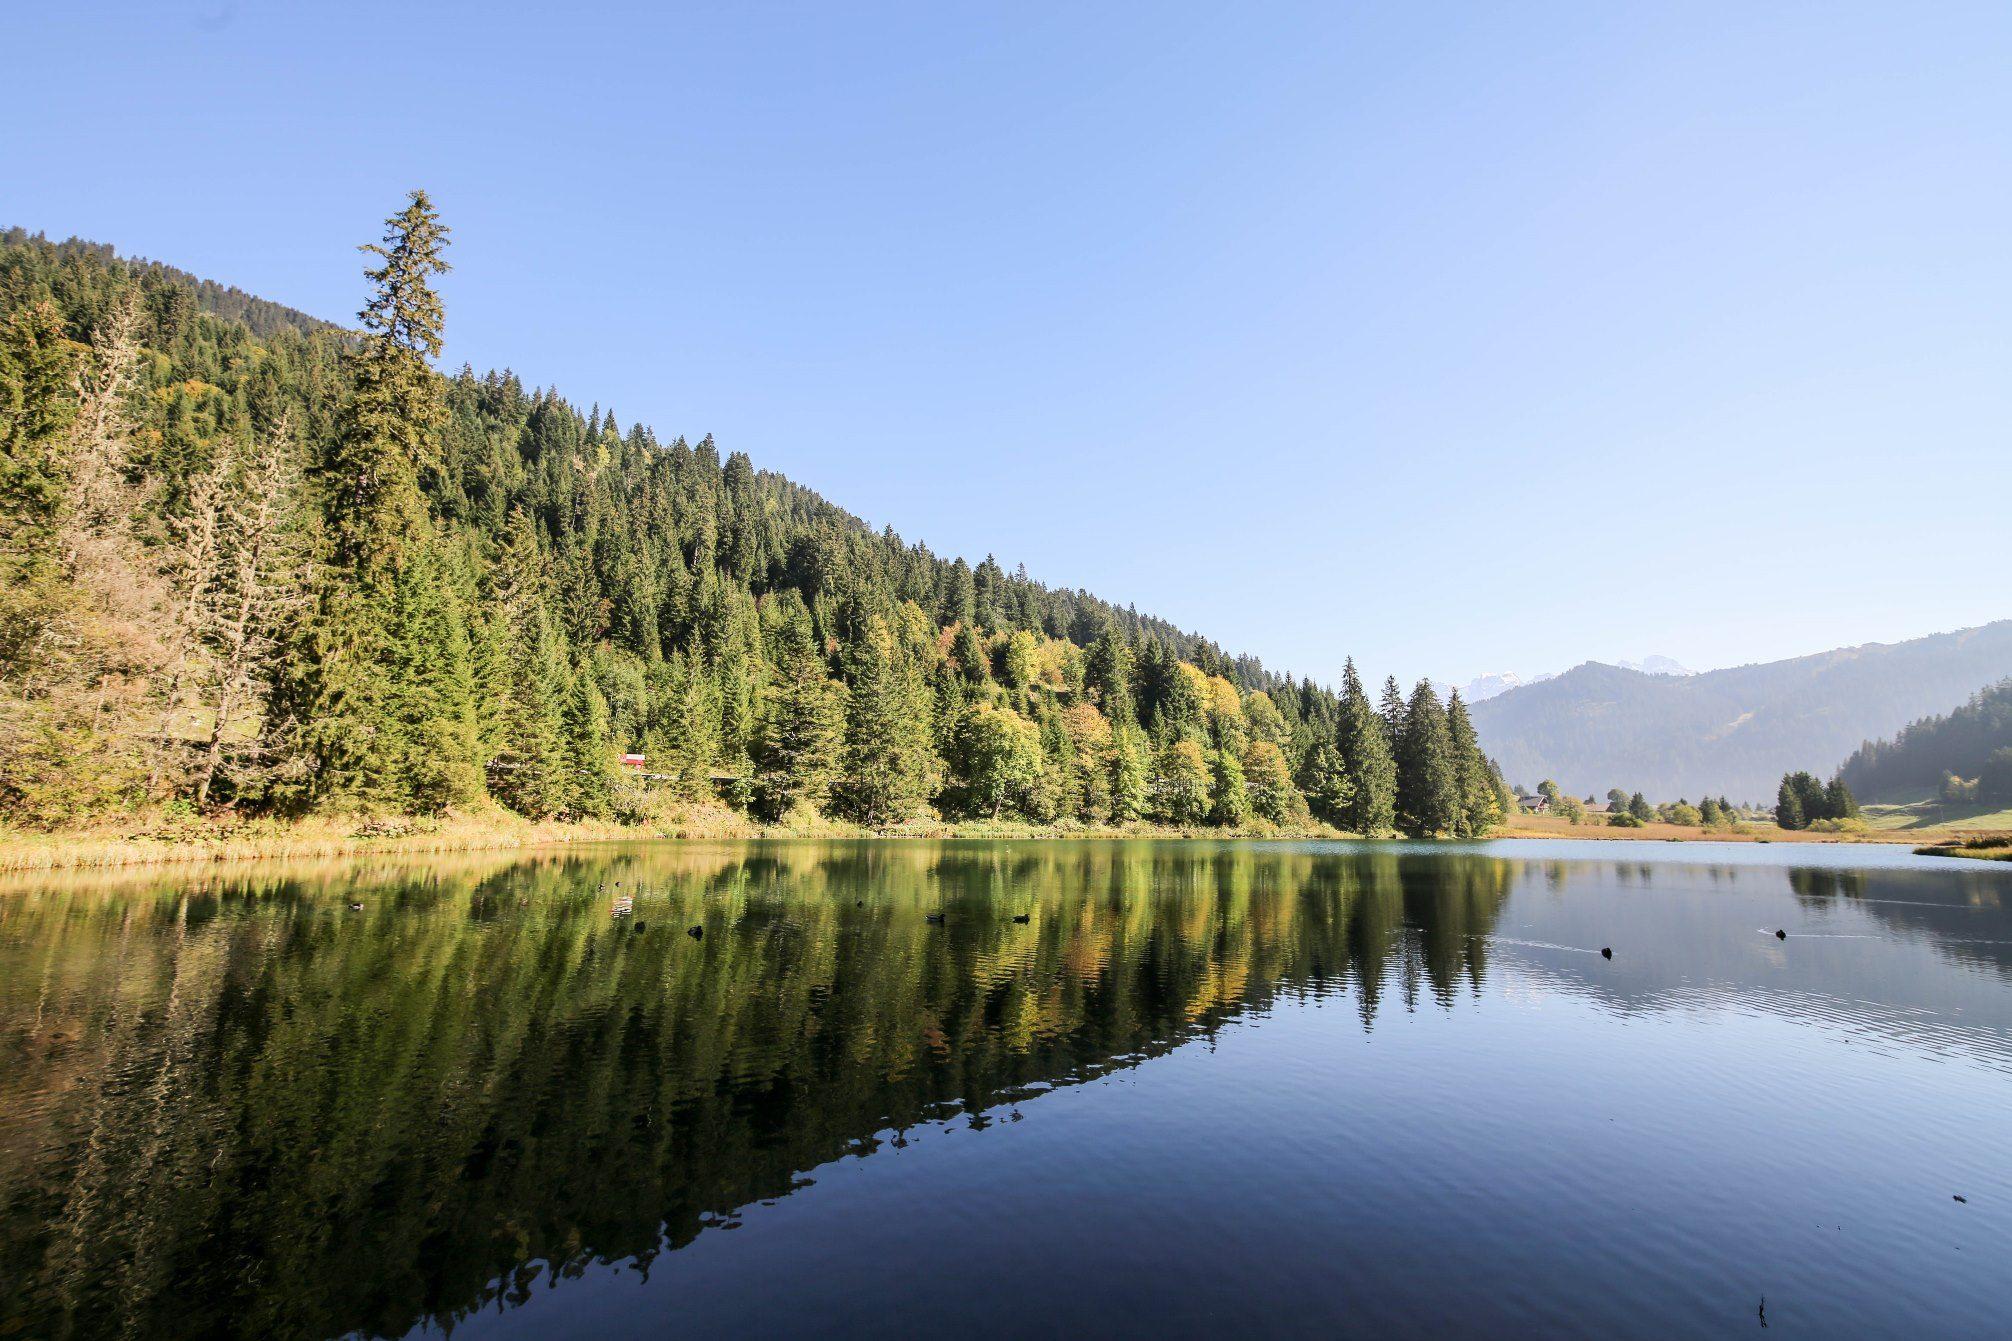 Wanderung, Natur, in Champery im Herbst, Portes du Soleil. Art Boutique Hotel Beau Séjour. Galerie Defago, Lac Vert, Lac de Morgins, Vallon de They.